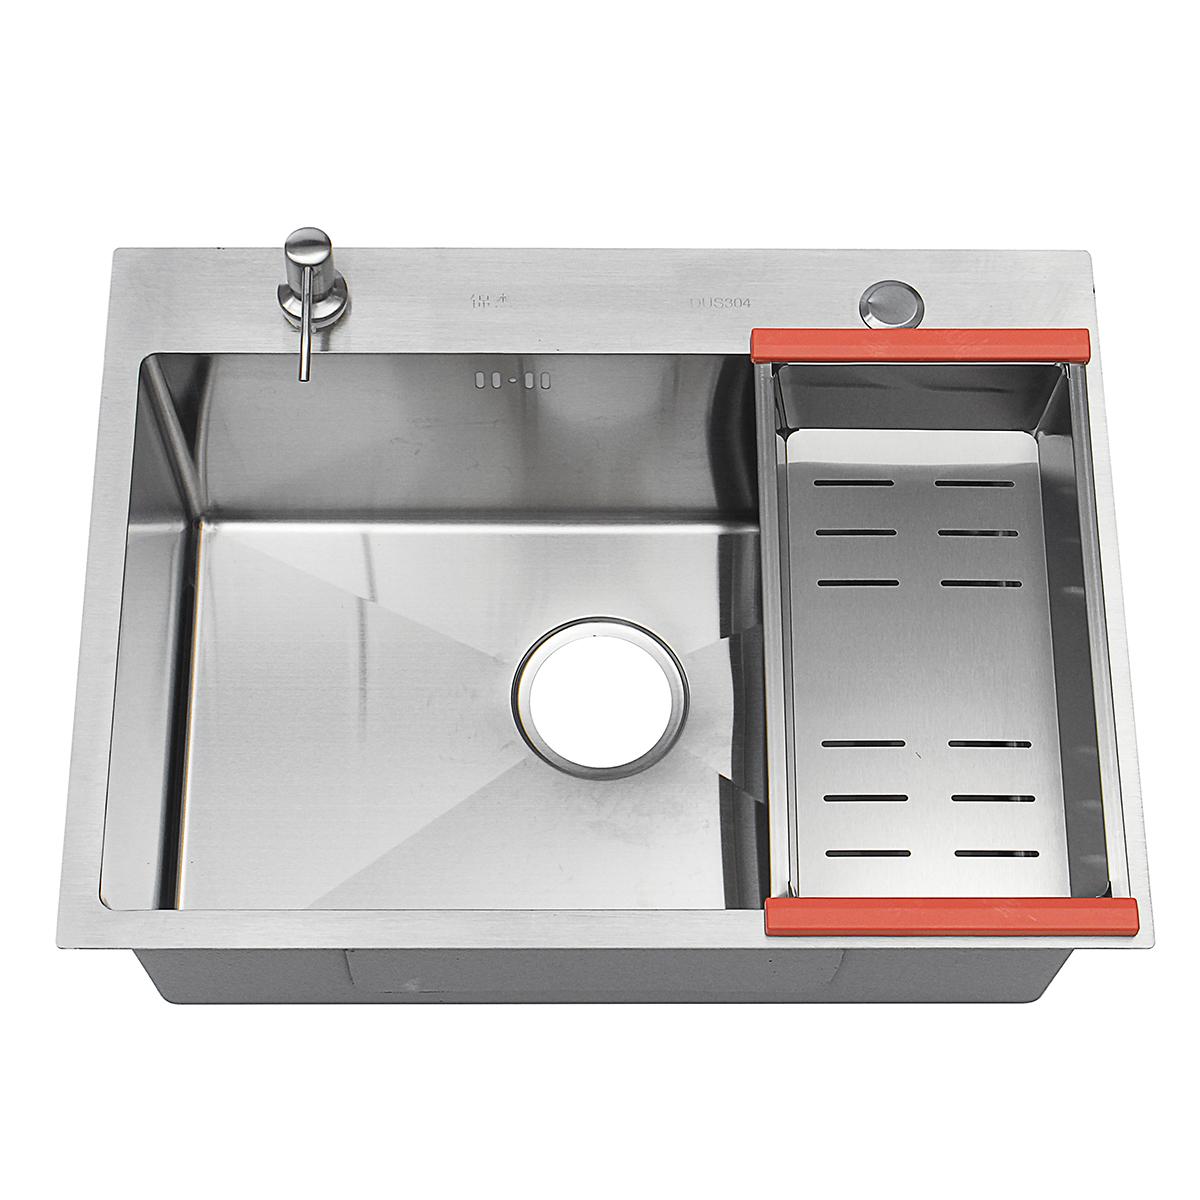 /Évier de Cuisine /Évier en Encastr/é Rectangle avec Siphon en Acier Inoxydable Lavabo pour Cuisine 50x45x22cm